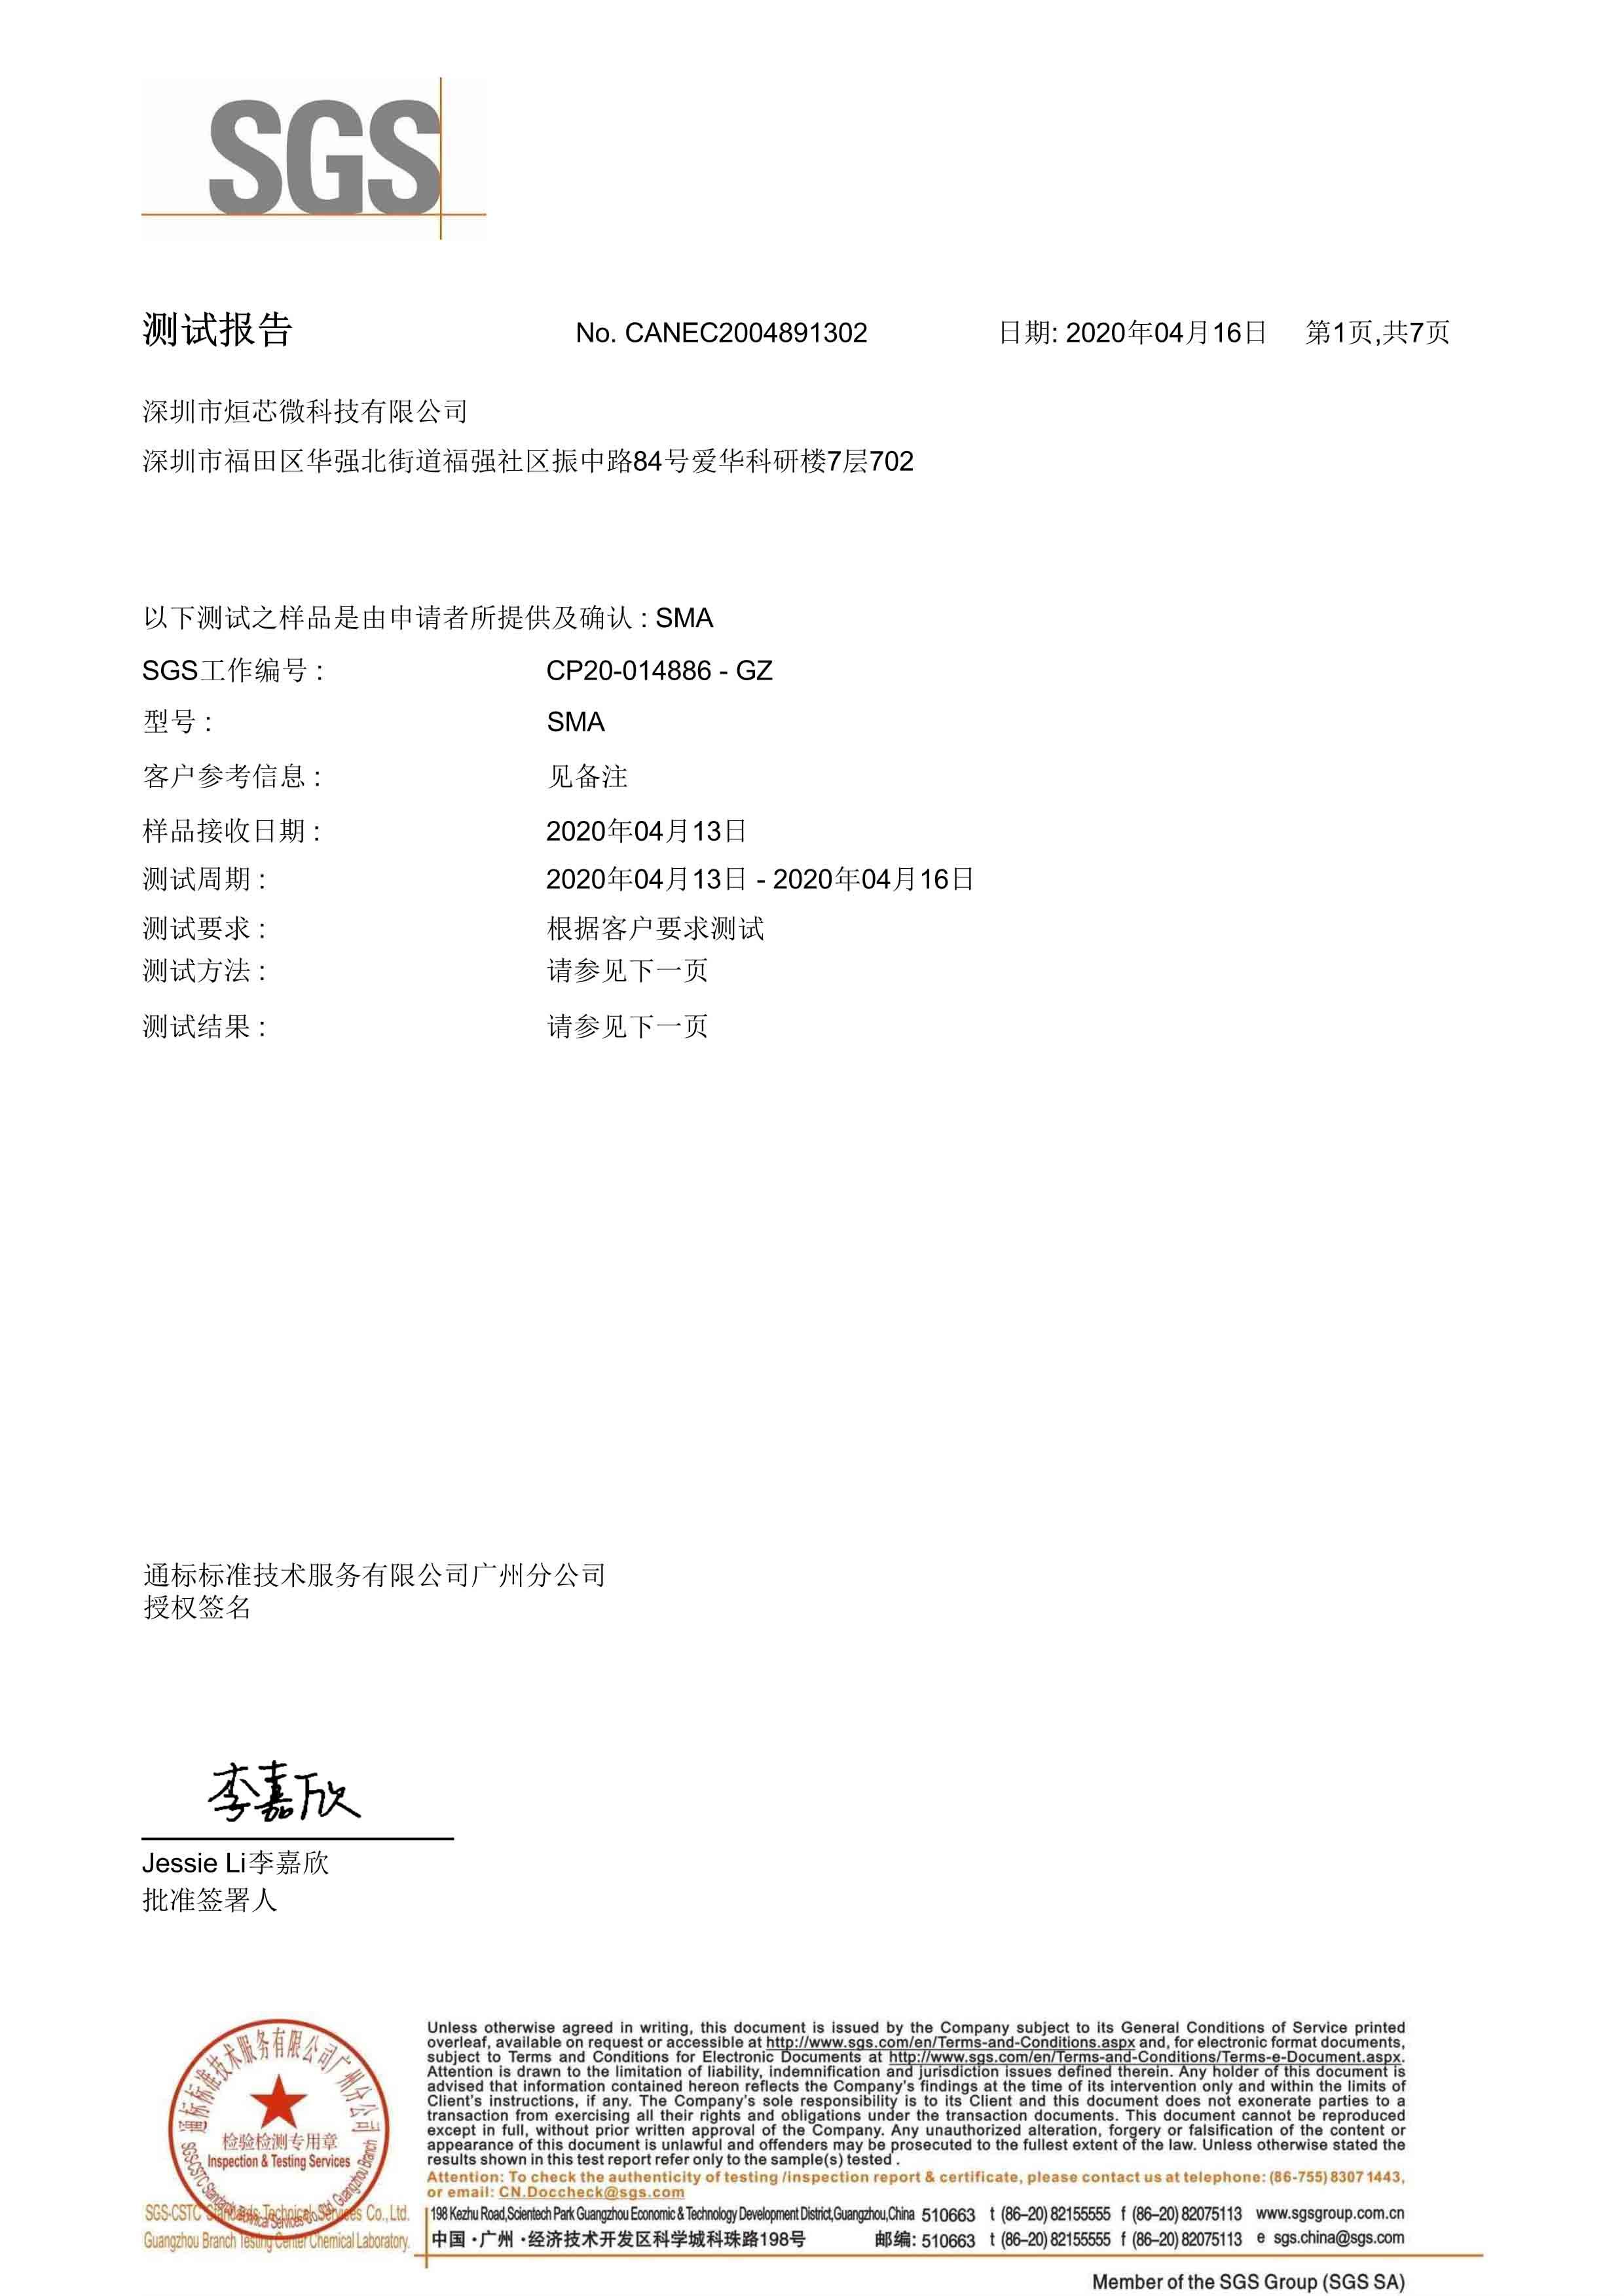 SGS中文版